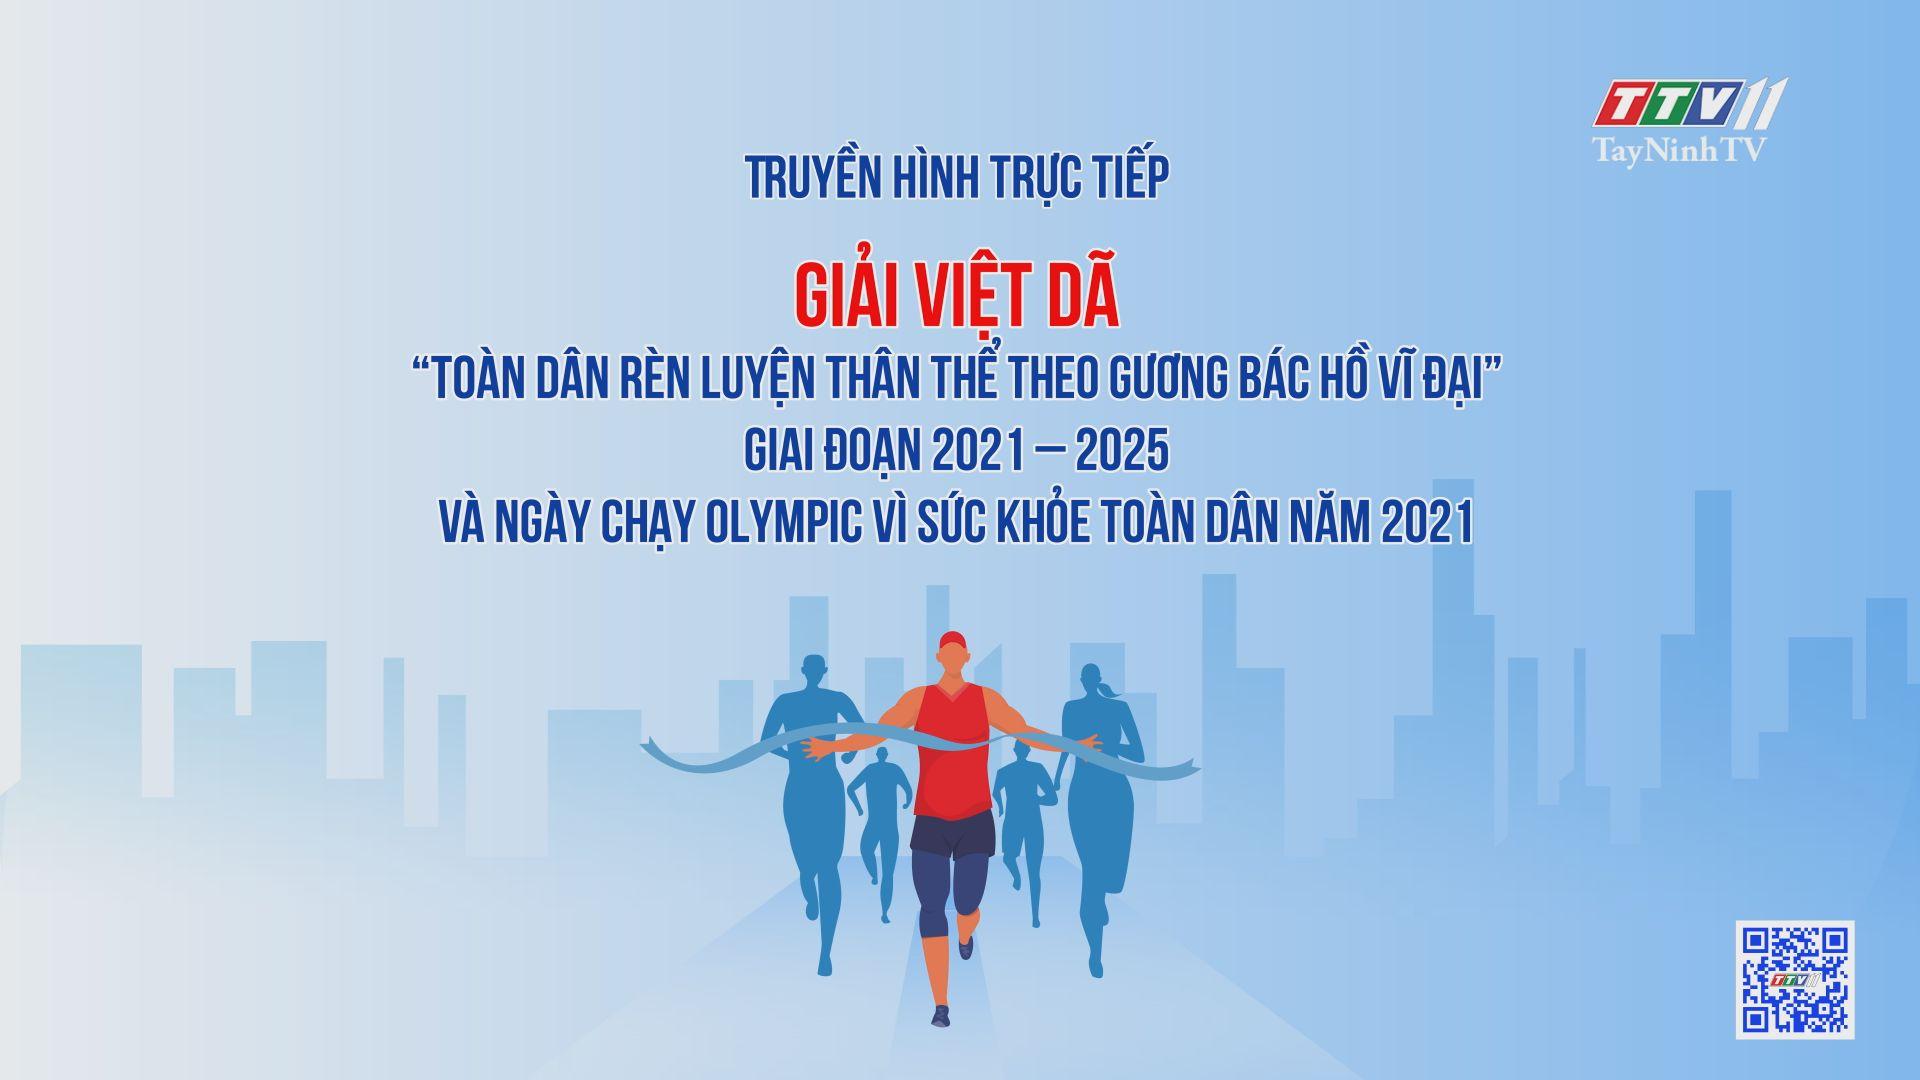 Giải Việt dã hưởng ứng Cuộc vận động